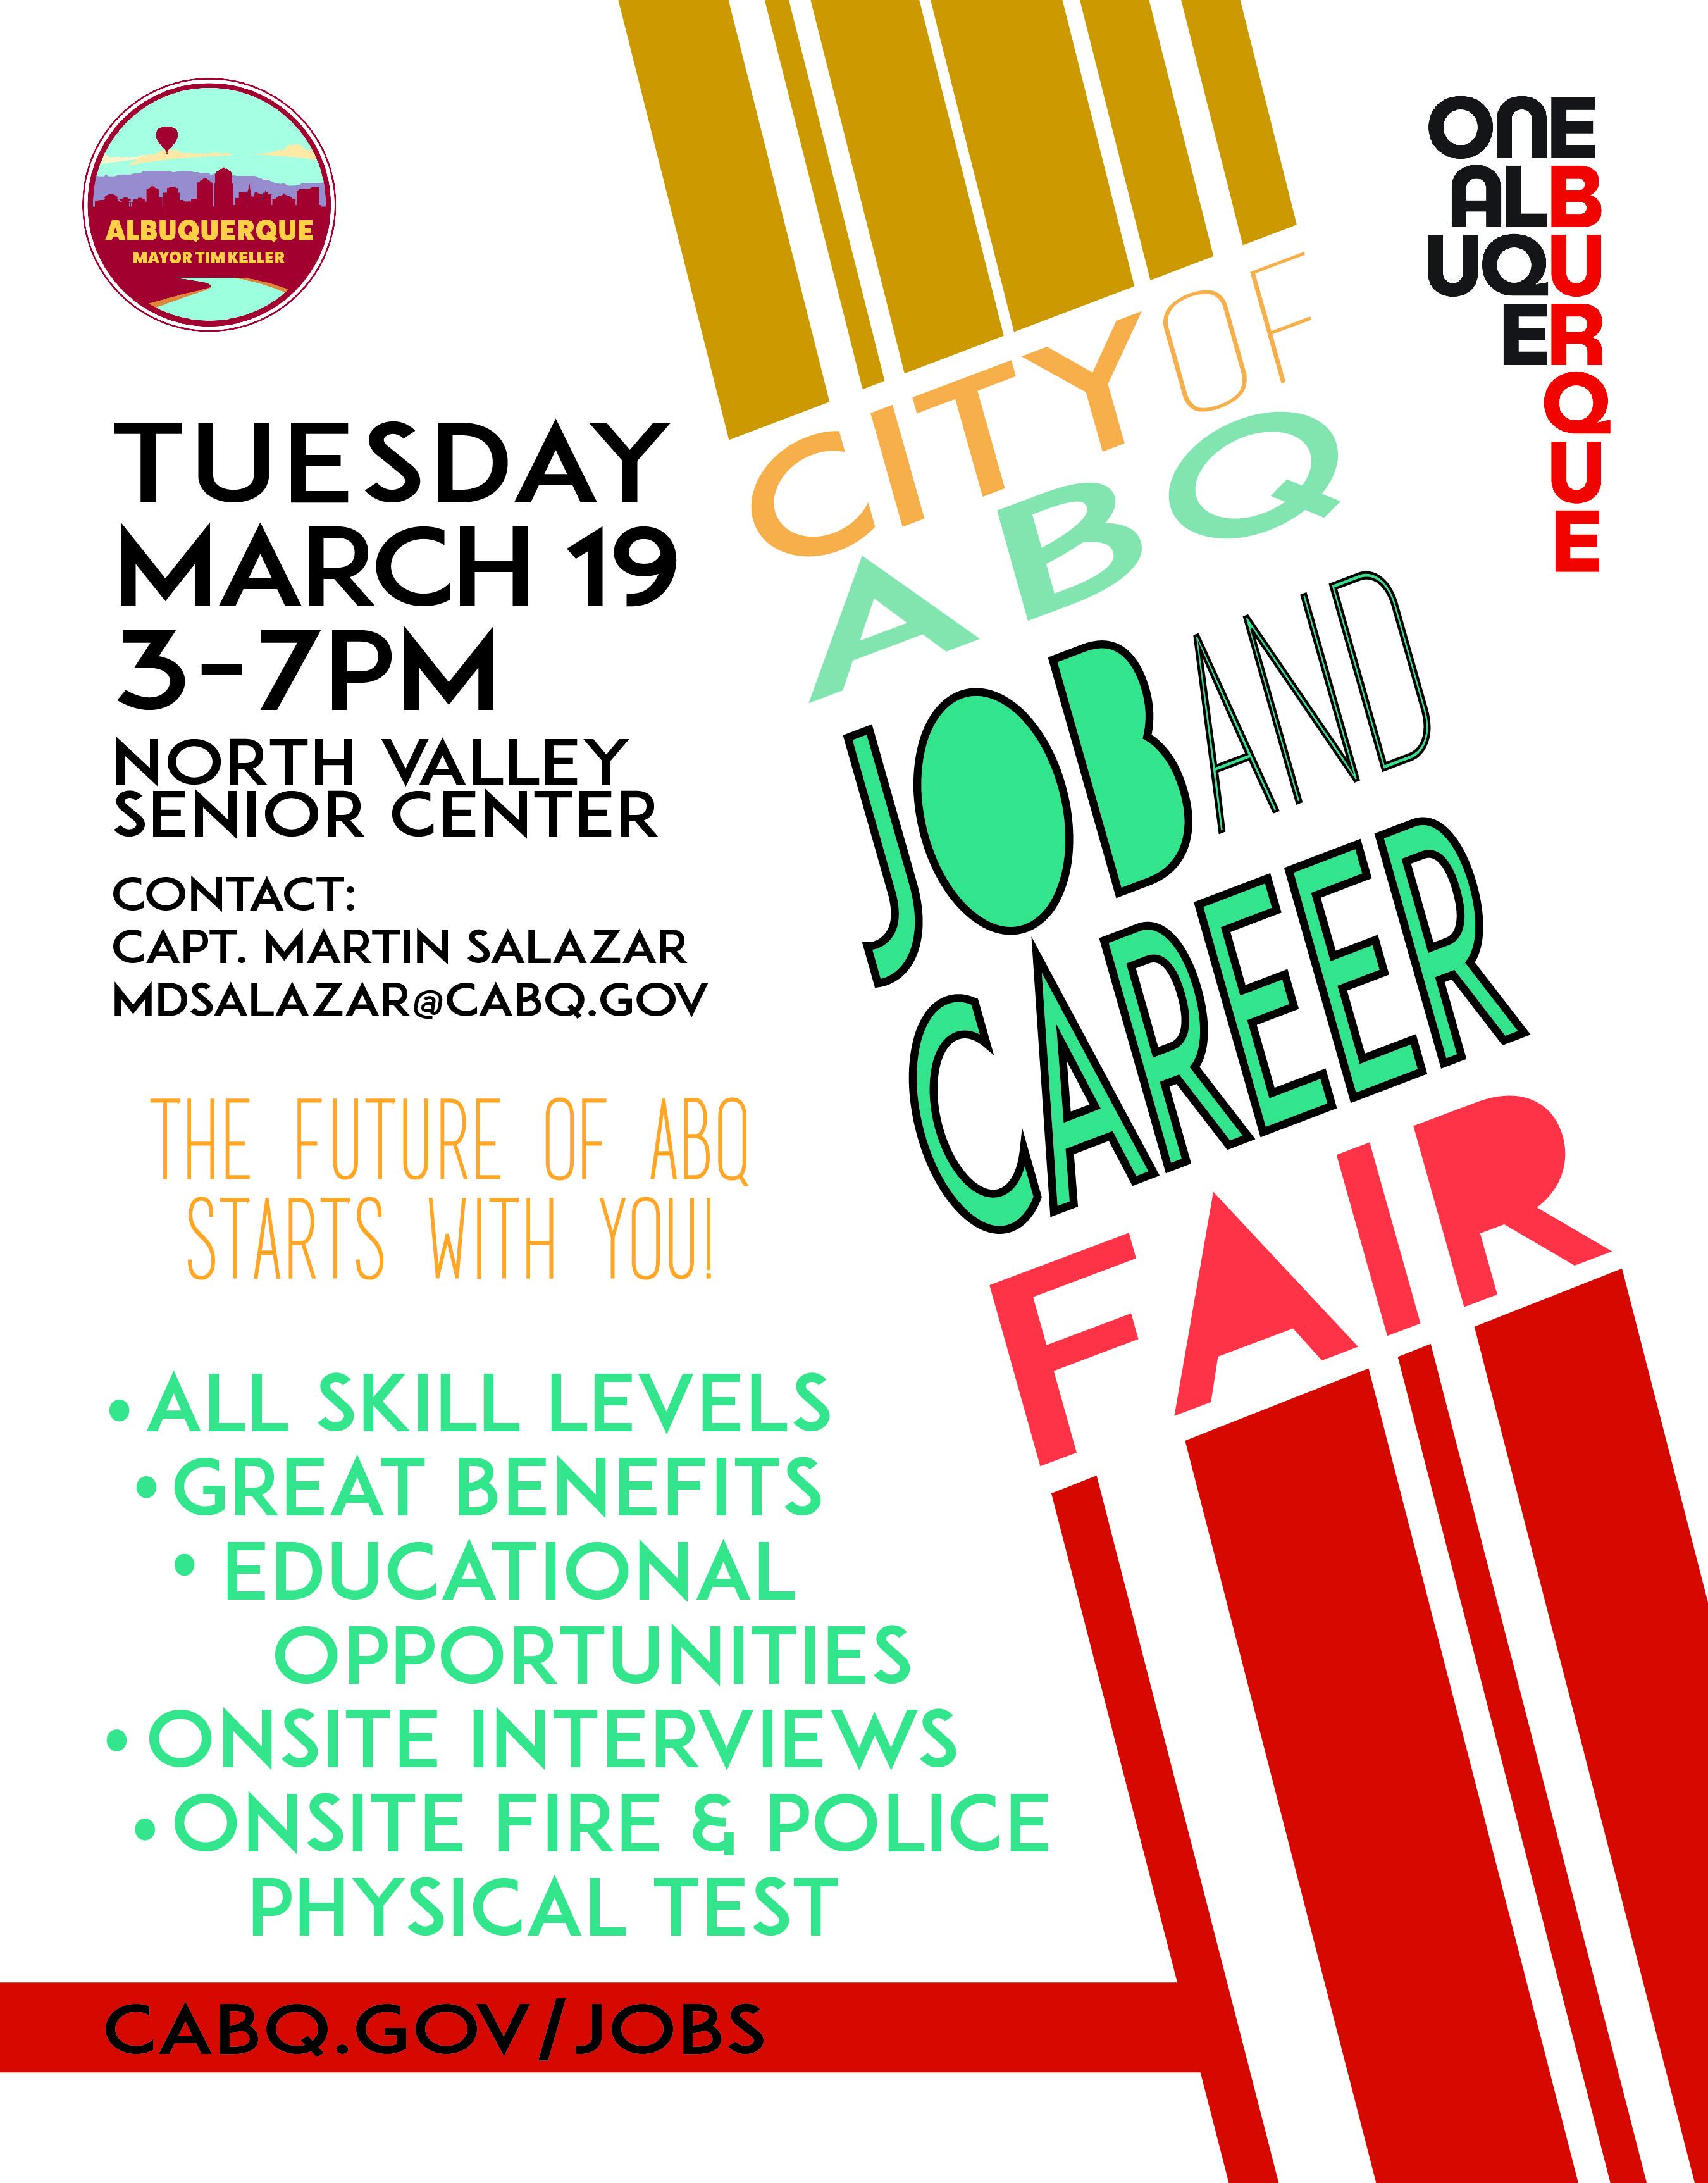 2019 One Albuquerque Job Fair Flier